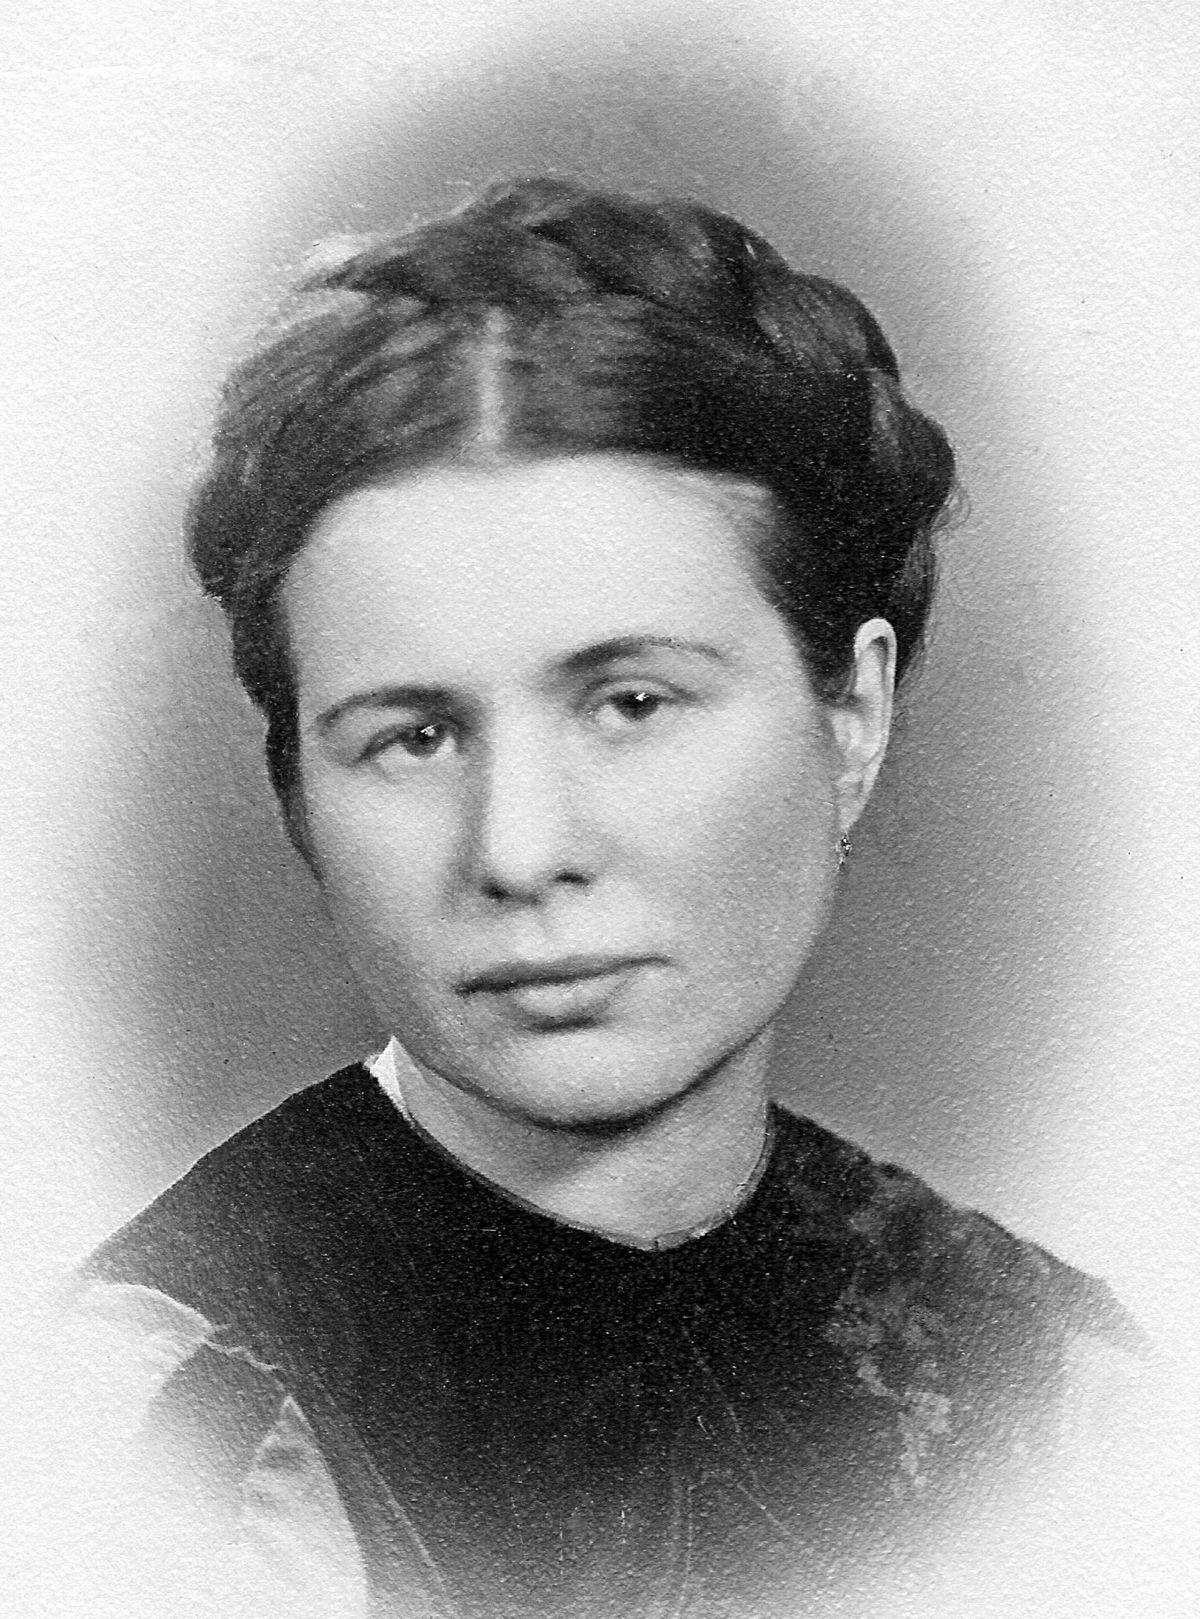 Irena Sendlerowa ocaliła życie 2500 żydowskich dzieci. Sama jednak nigdy nie uważała się za bohaterkę .